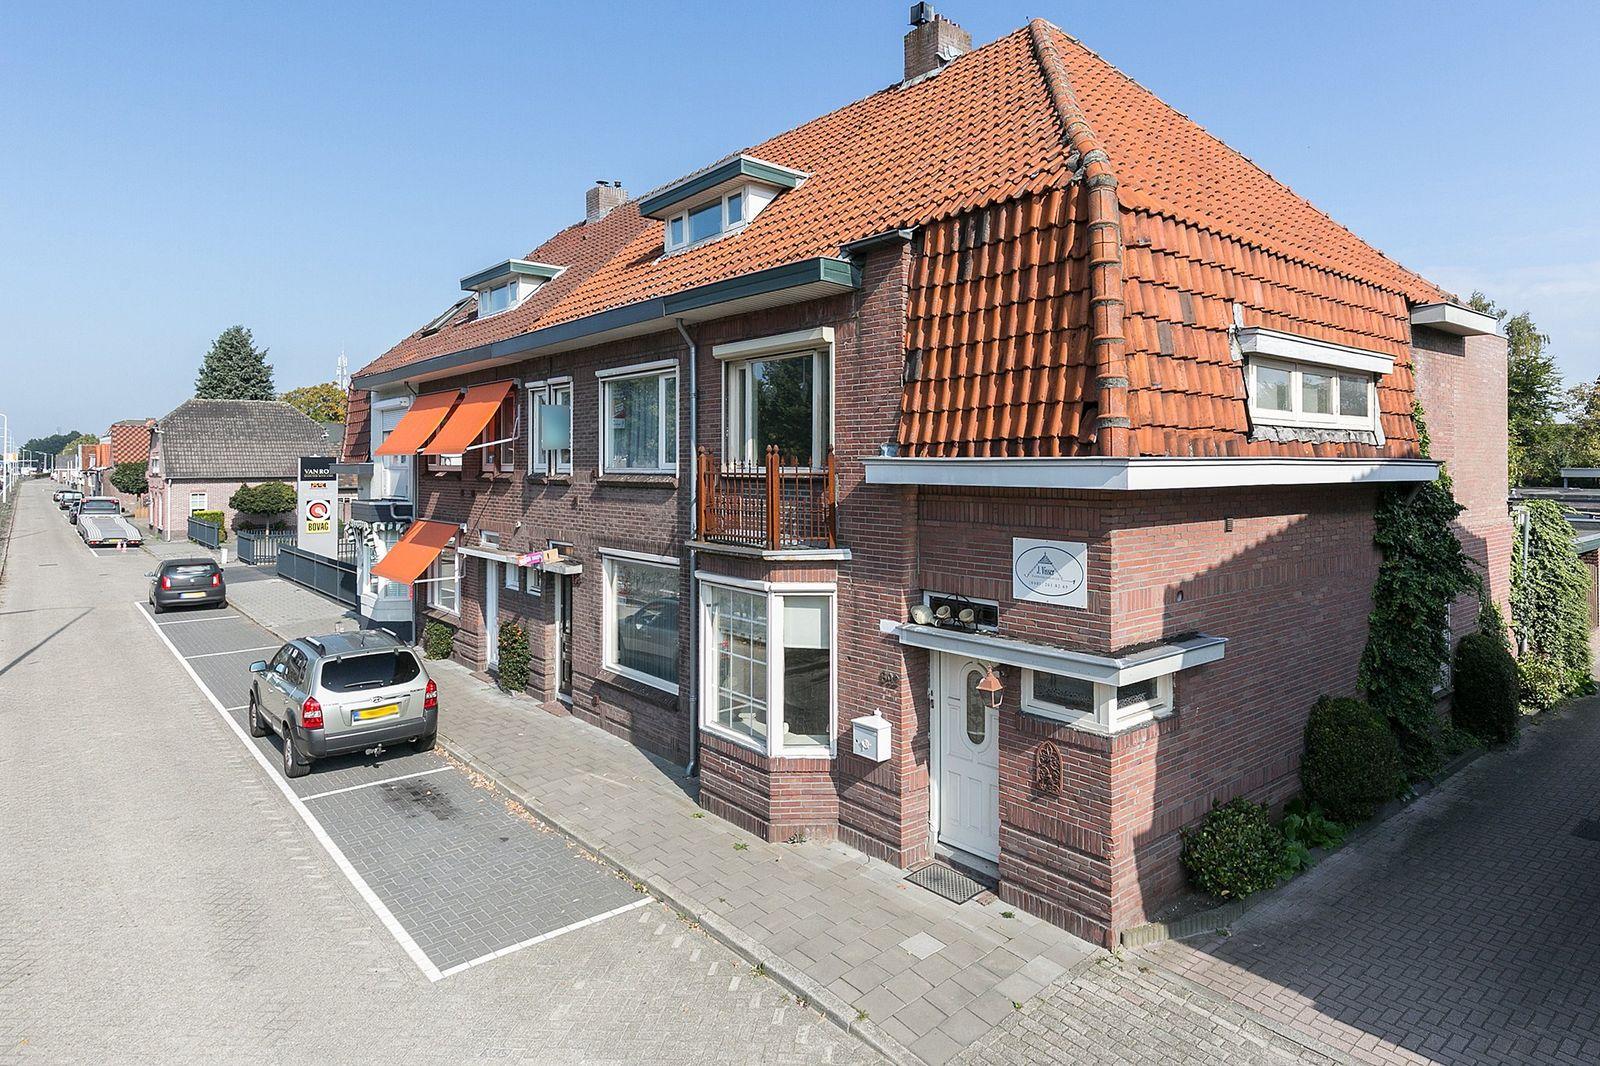 Boschdijk 892, Eindhoven